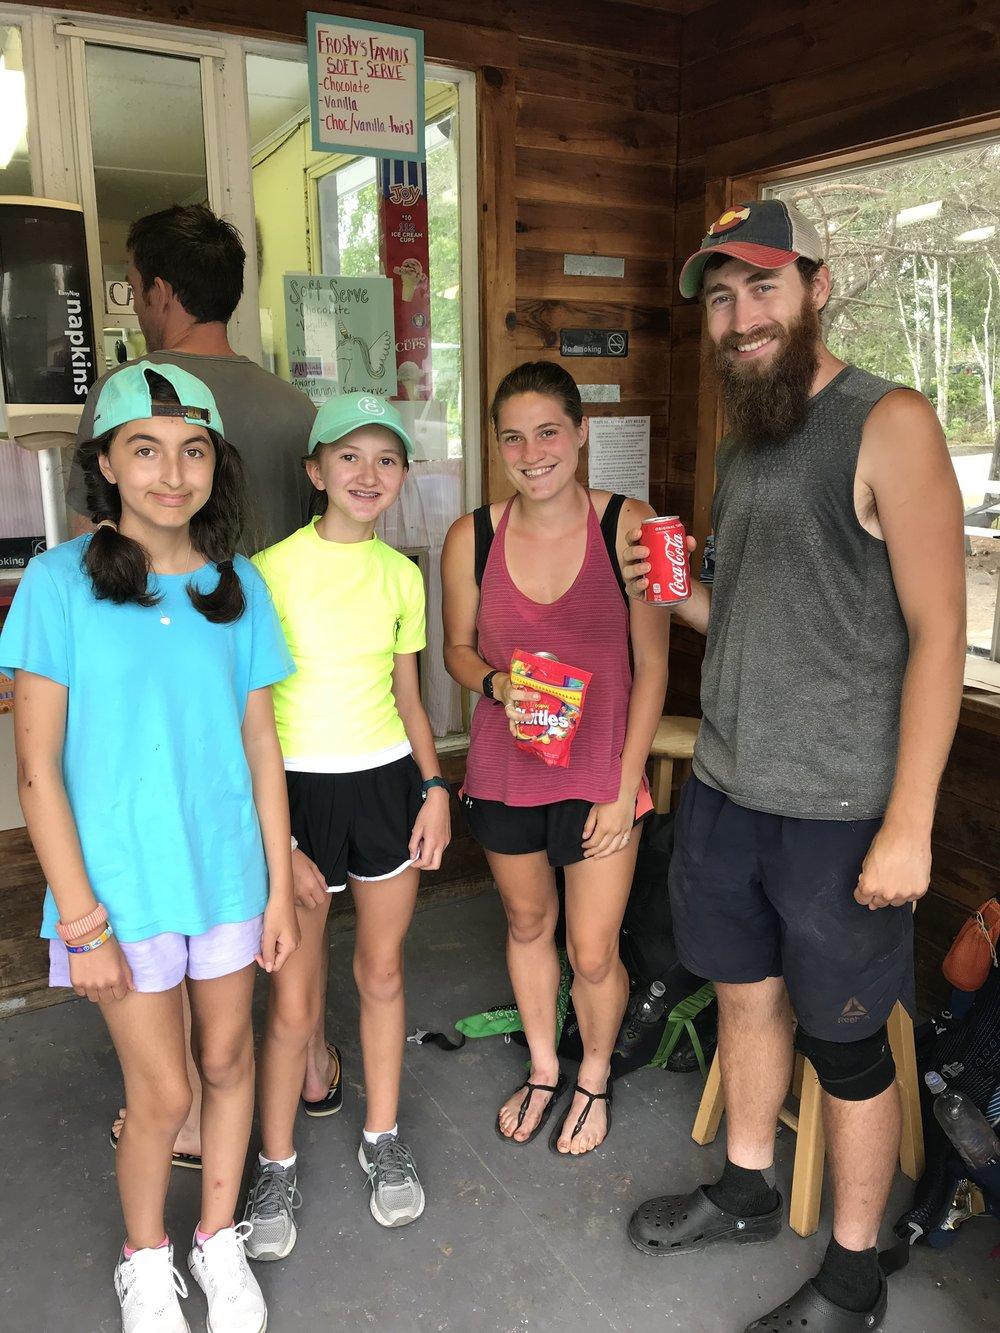 Thru hikers we met!